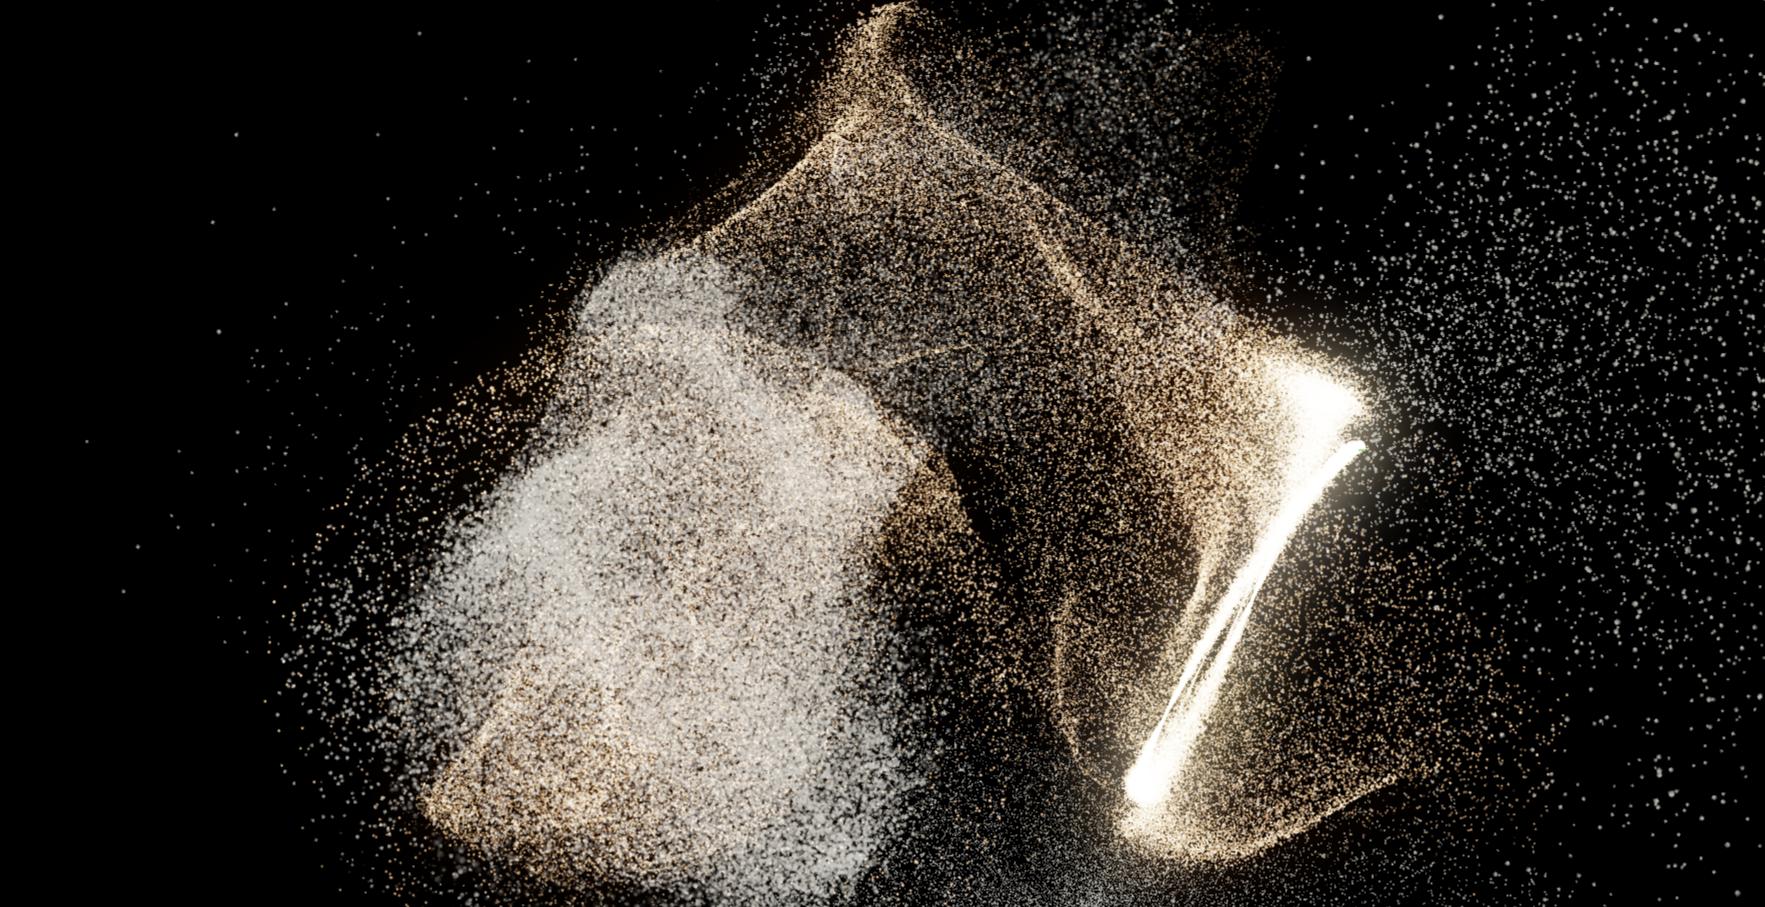 ParticleSimulation